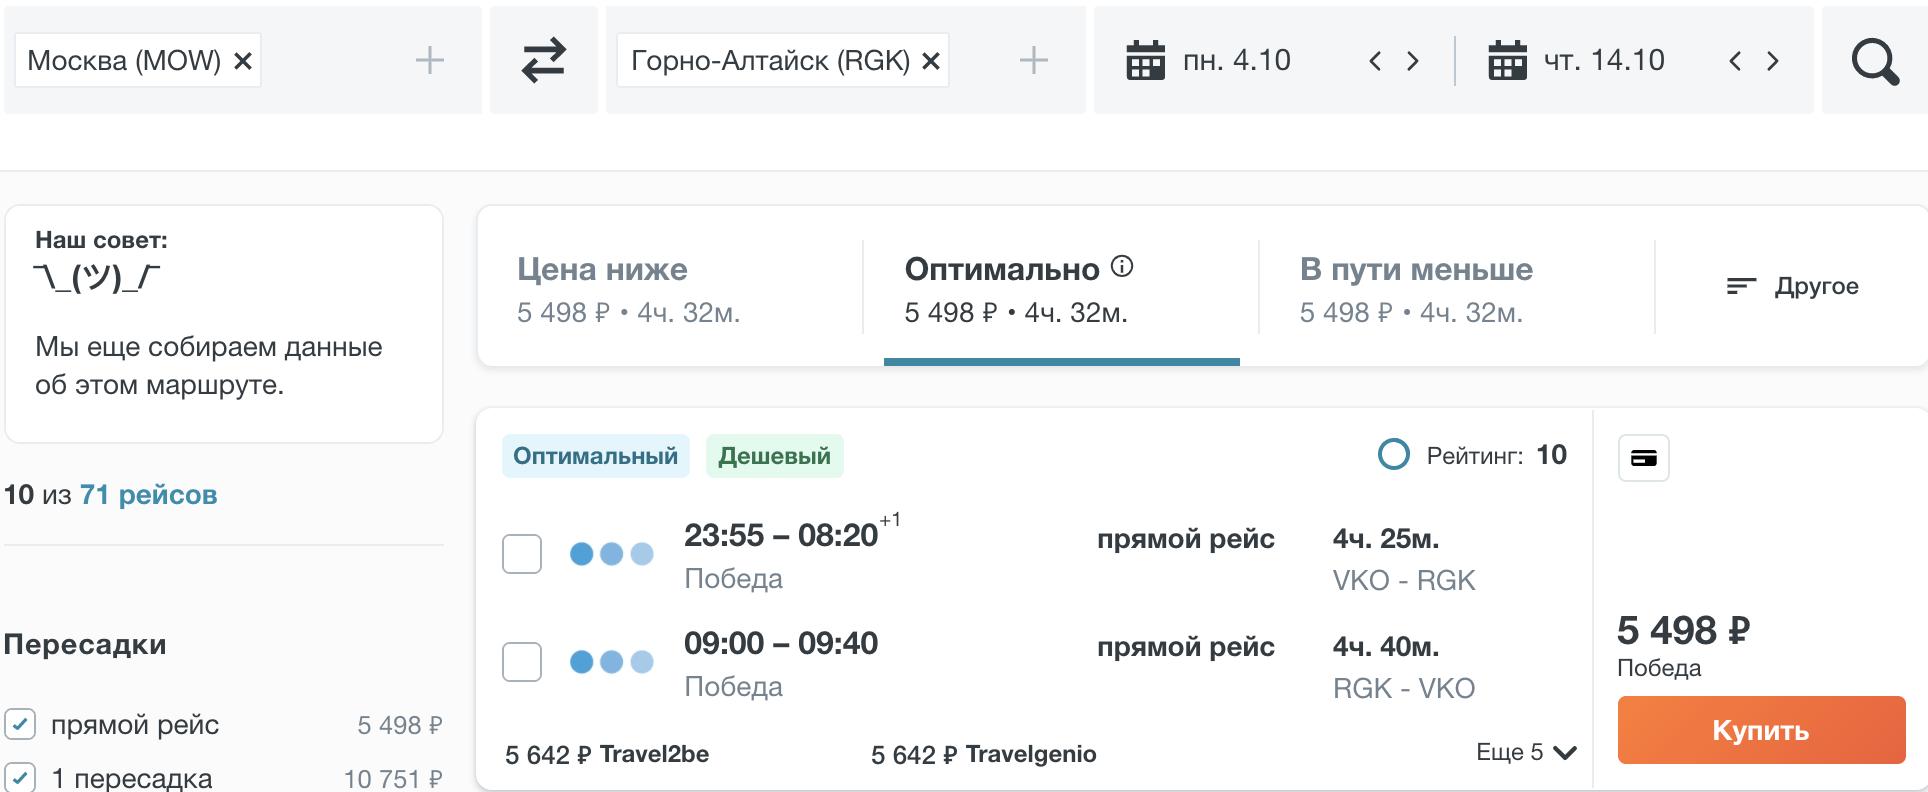 Раннее бронирование! Дешевые билеты Победы из Мск в Горно-Алтайск от 4400₽ туда-обратно в октябре